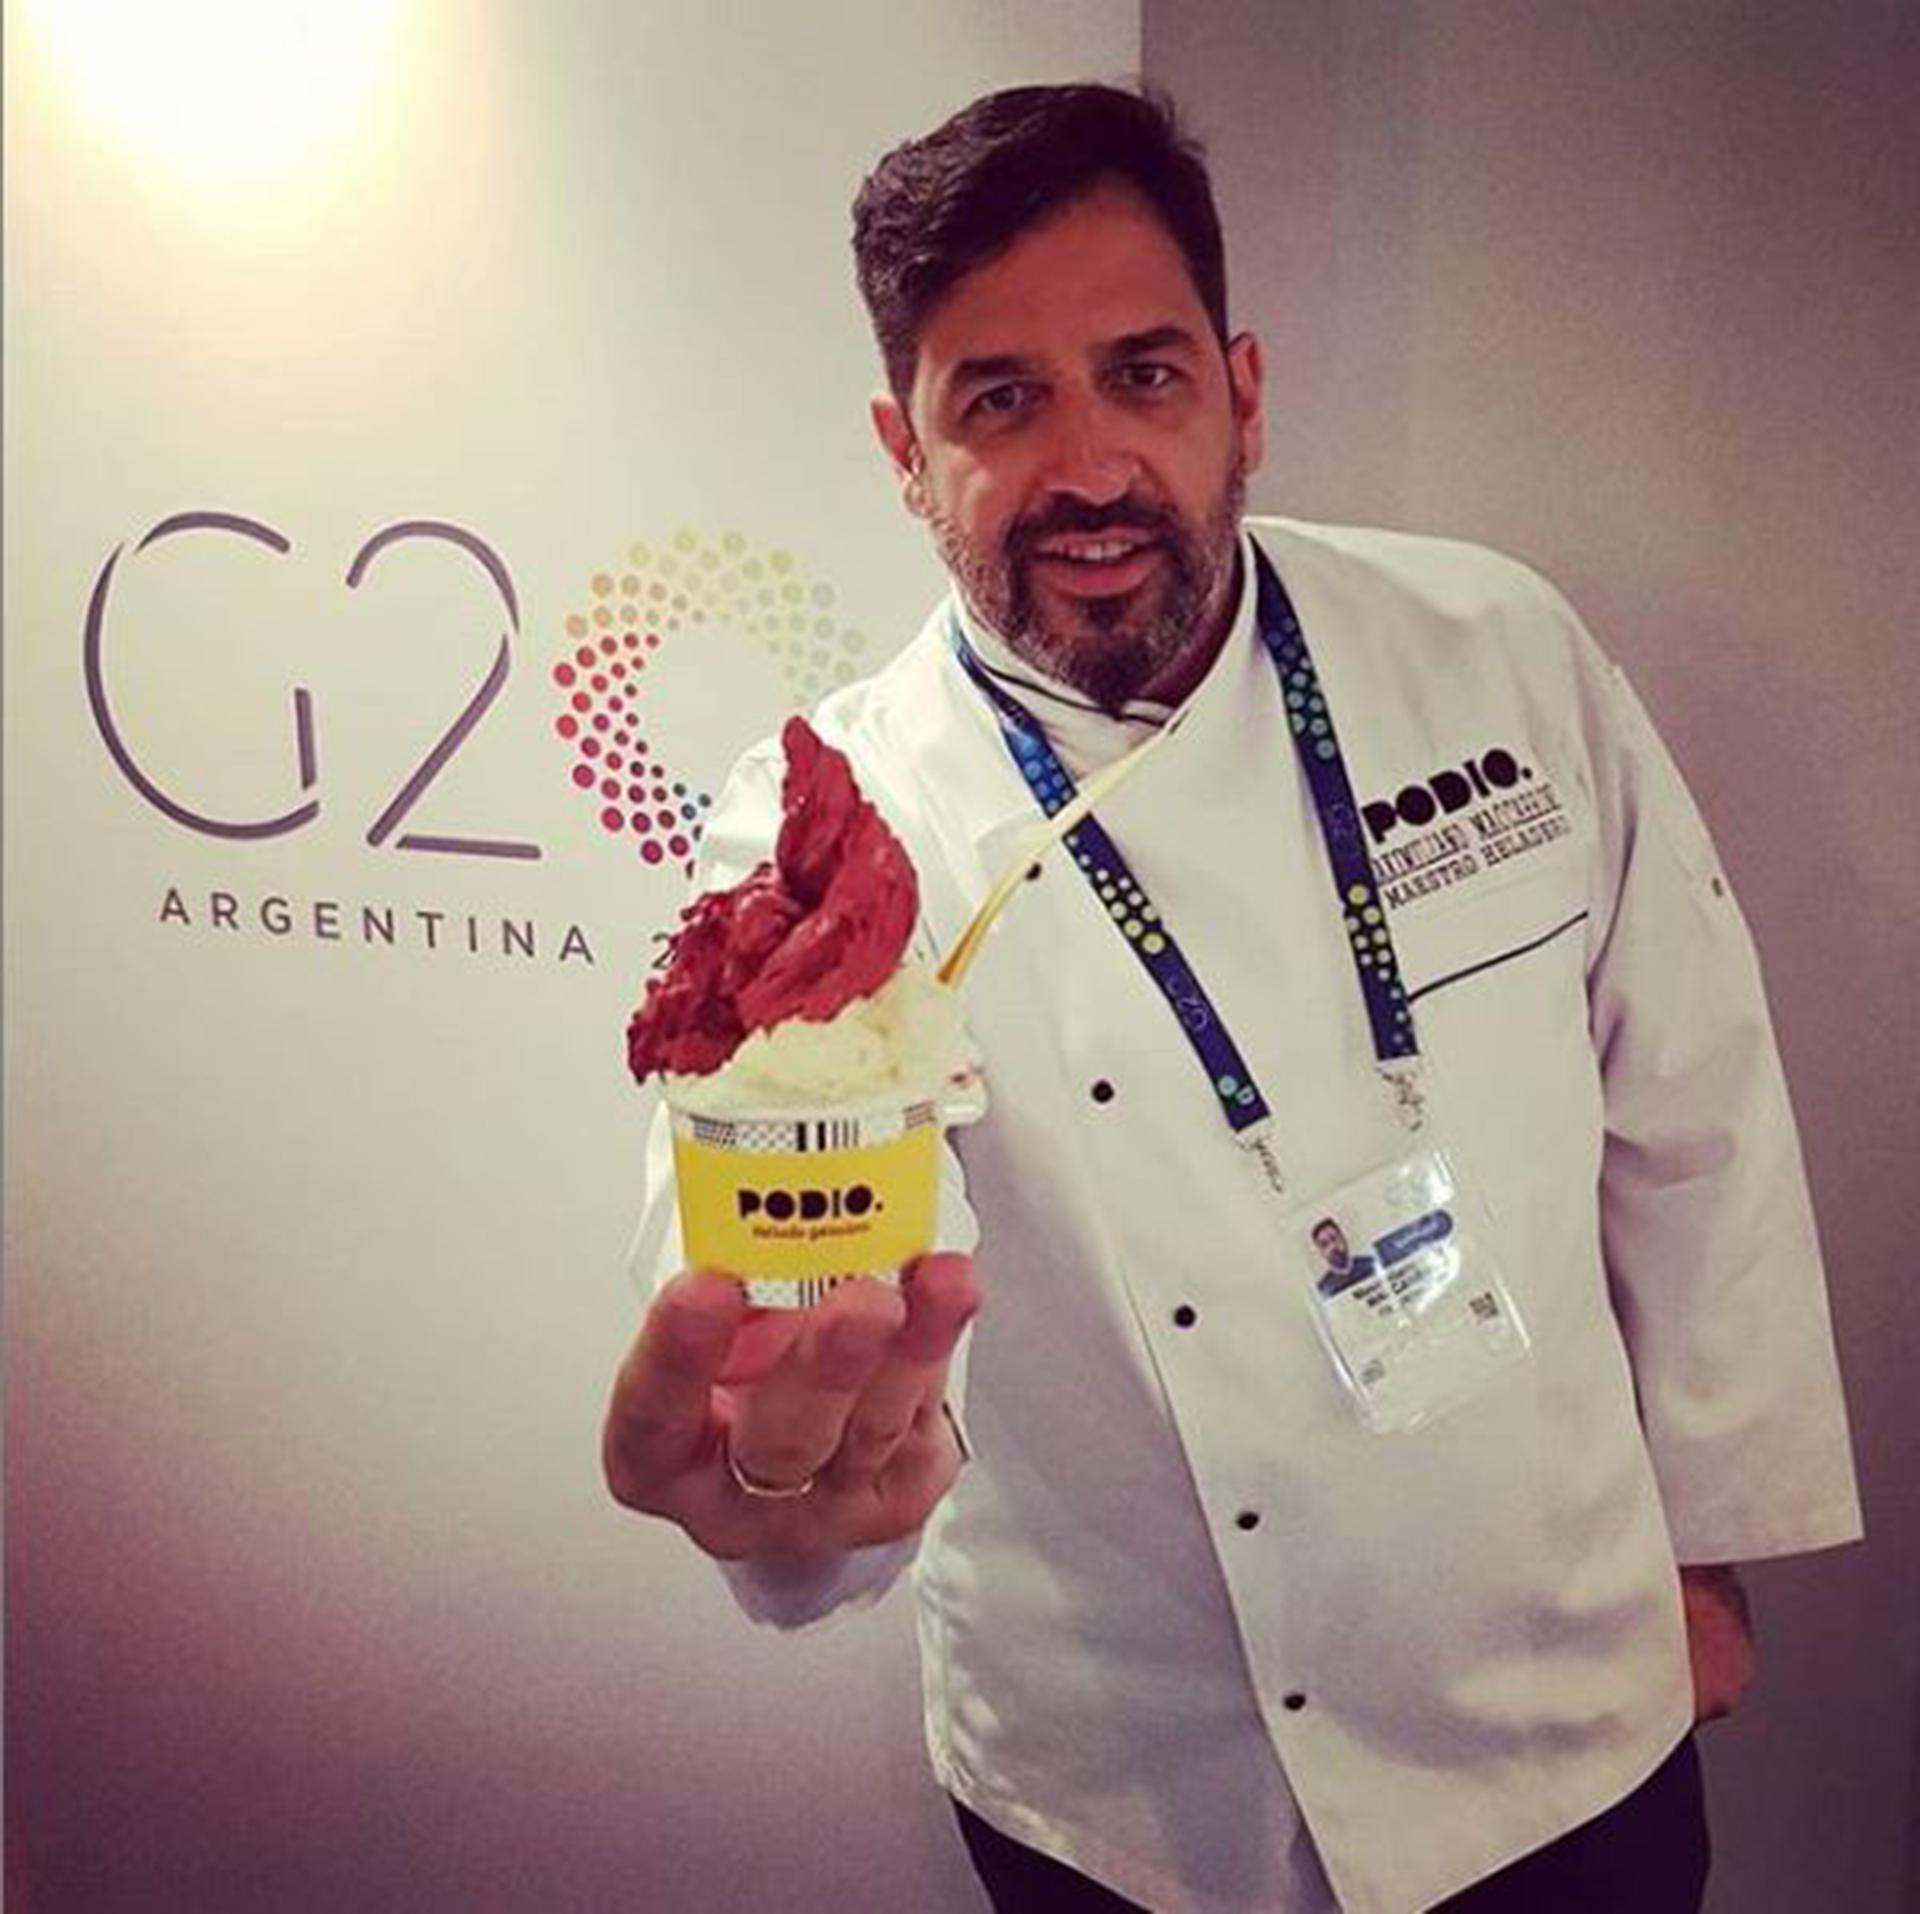 Maximiliano participó con Podio como el helado oficial del G20 en el mes de noviembre. Los líderes mundiales probaron el helado artesanal